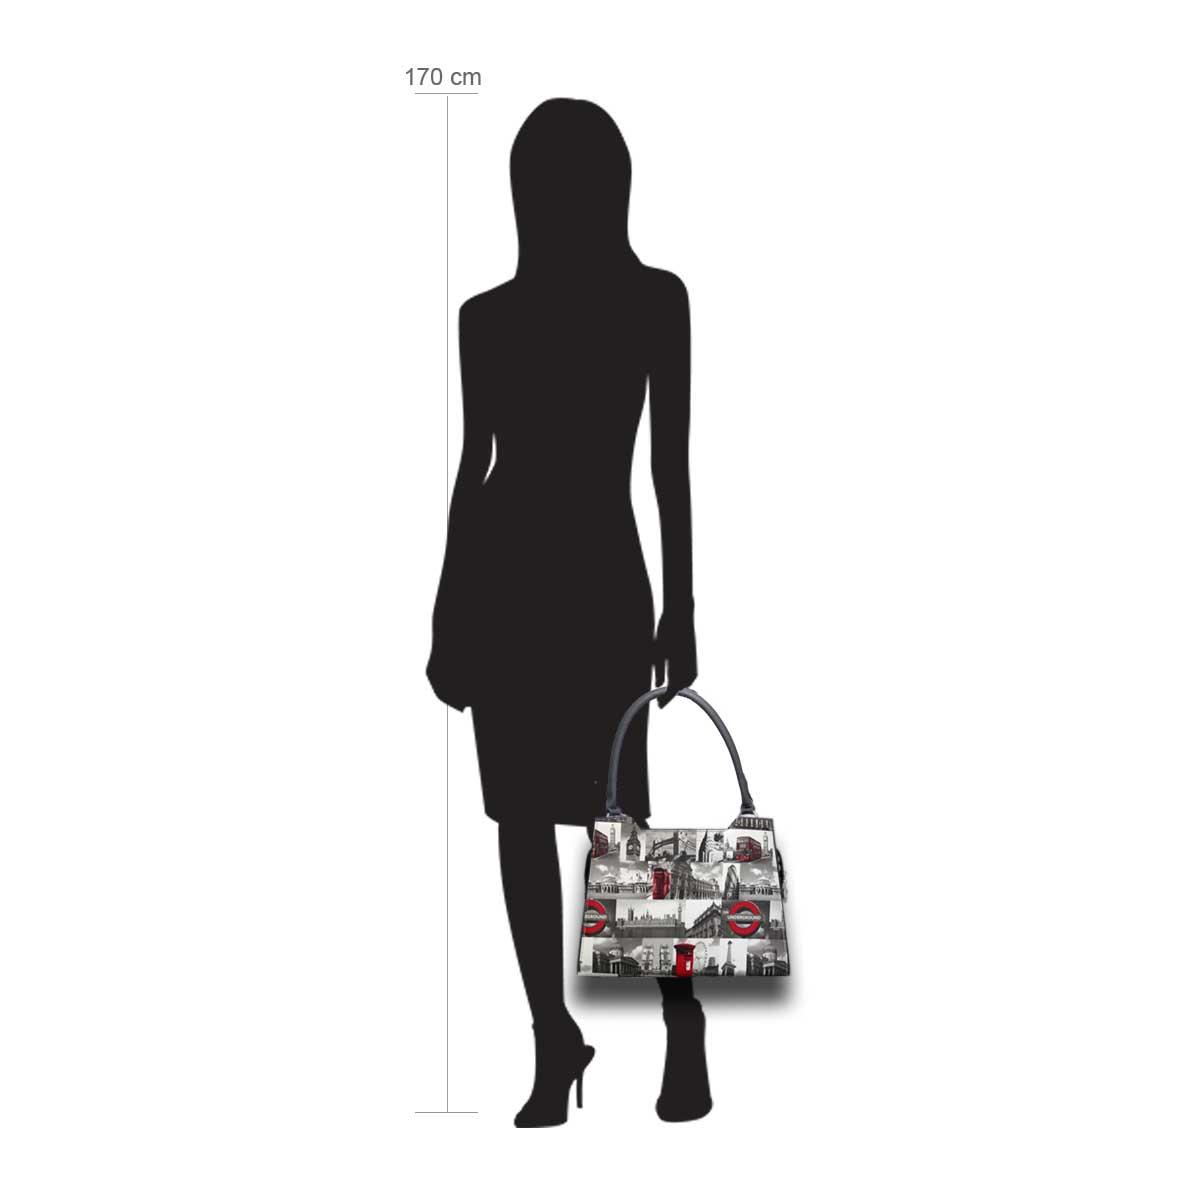 Puppe 170 cm groß zeigt die Taschengröße an . Modell: City London